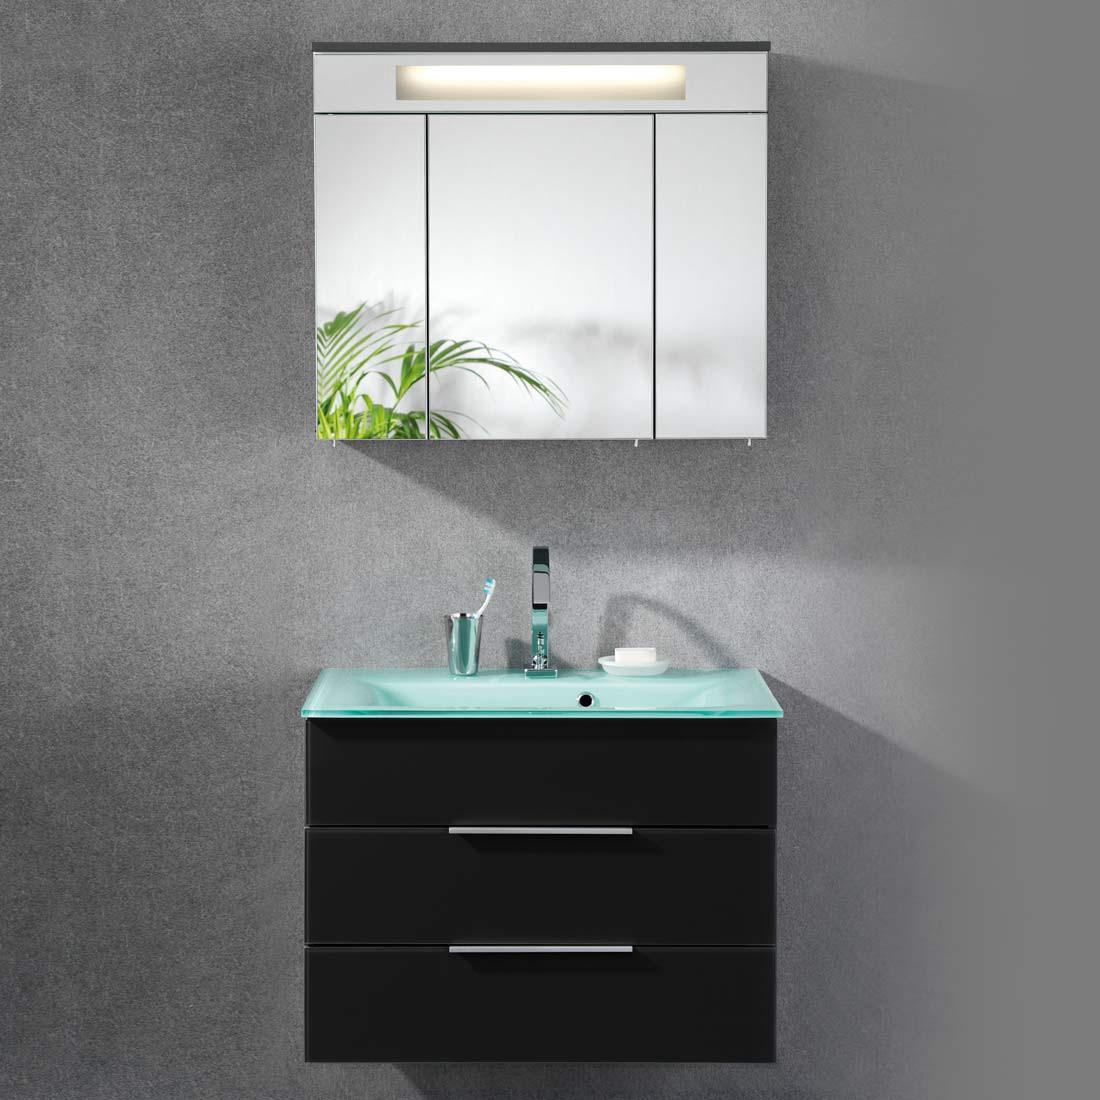 Badezimmerset Kara (2-teilig) – Anthrazit – Glasbecken, mintgrün – Mit 1 Schublade, Fackelmann günstig kaufen